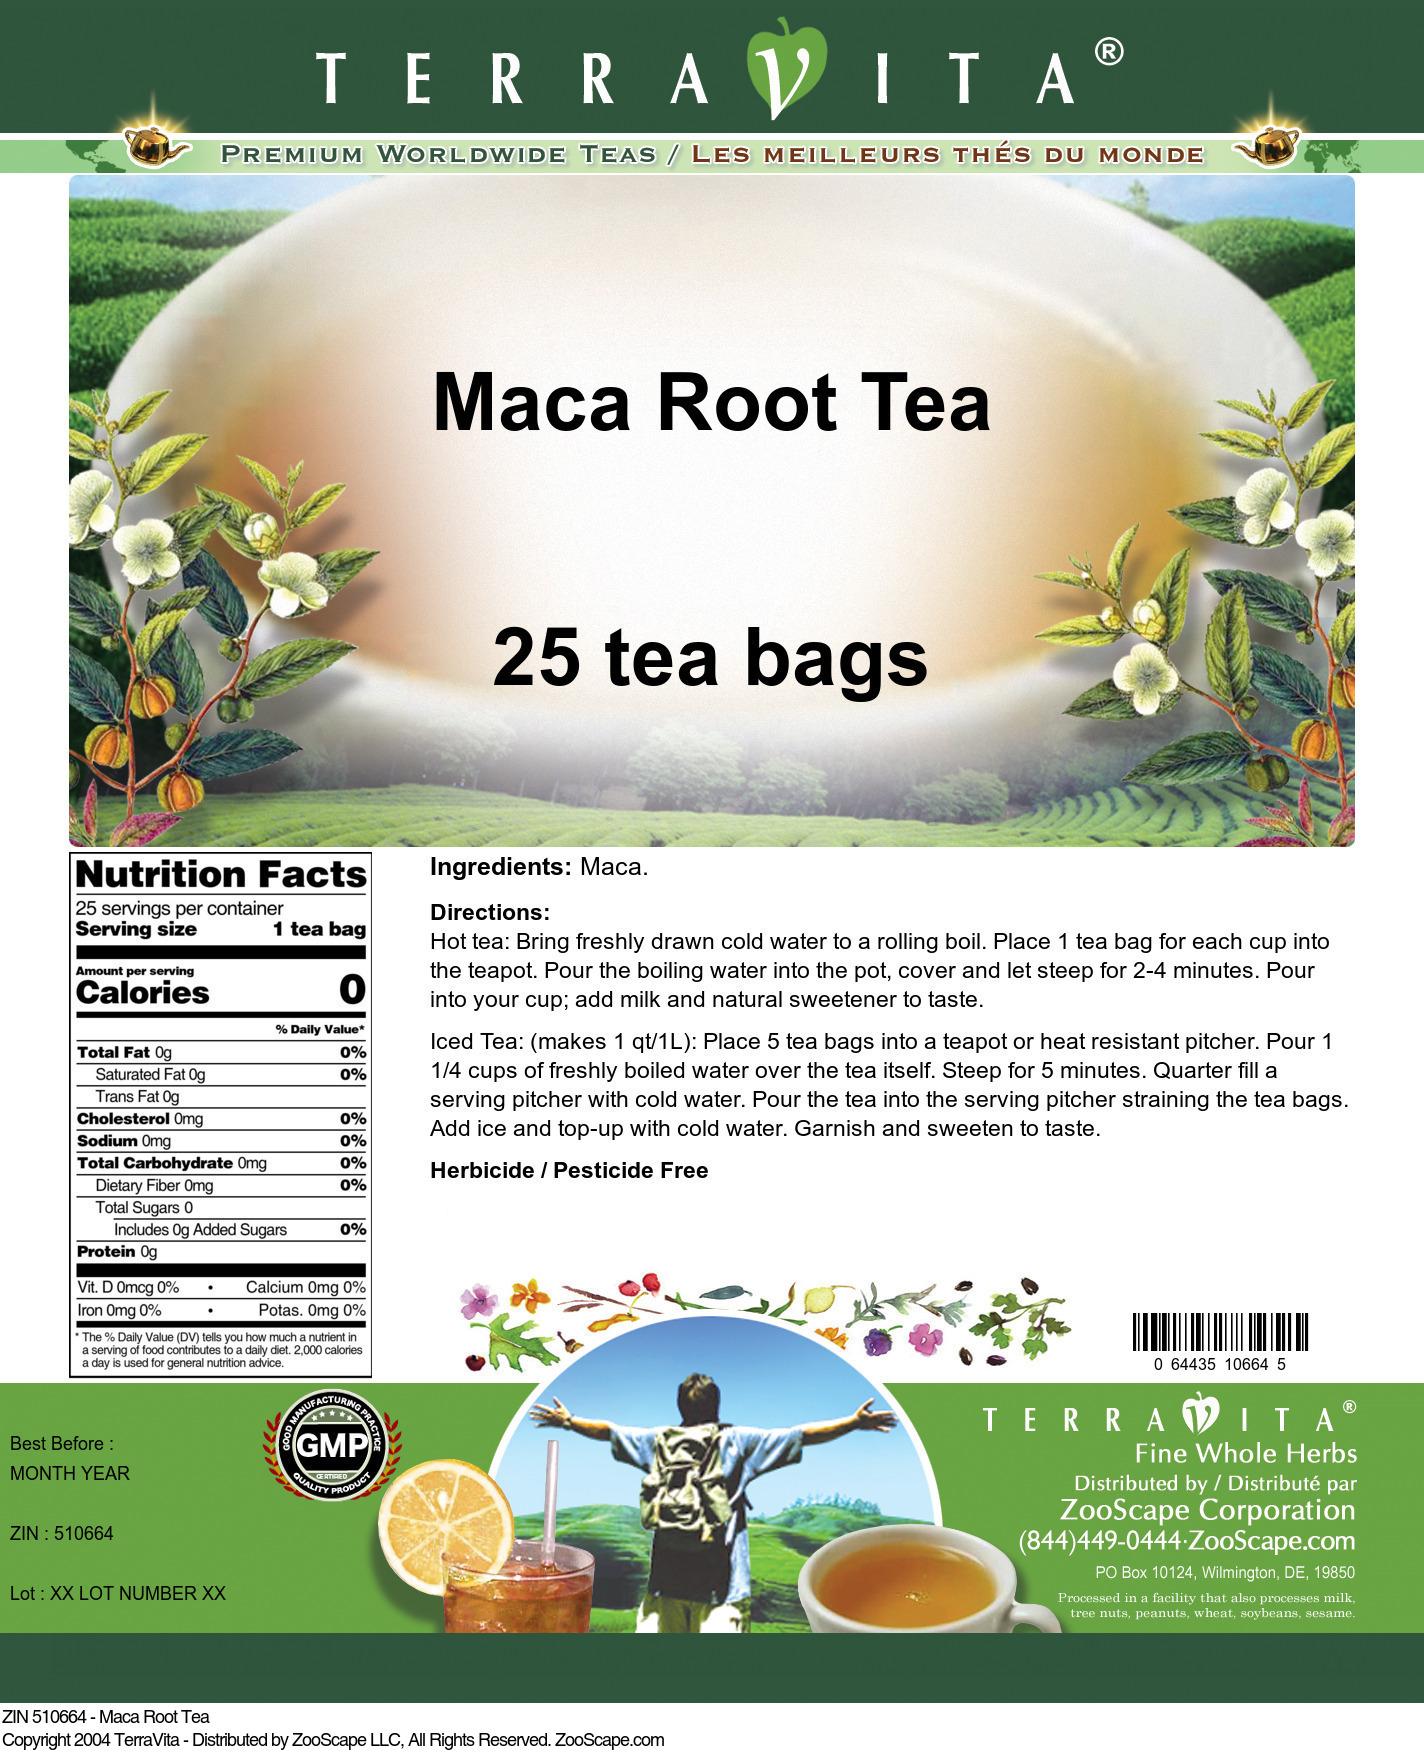 Maca Root Tea